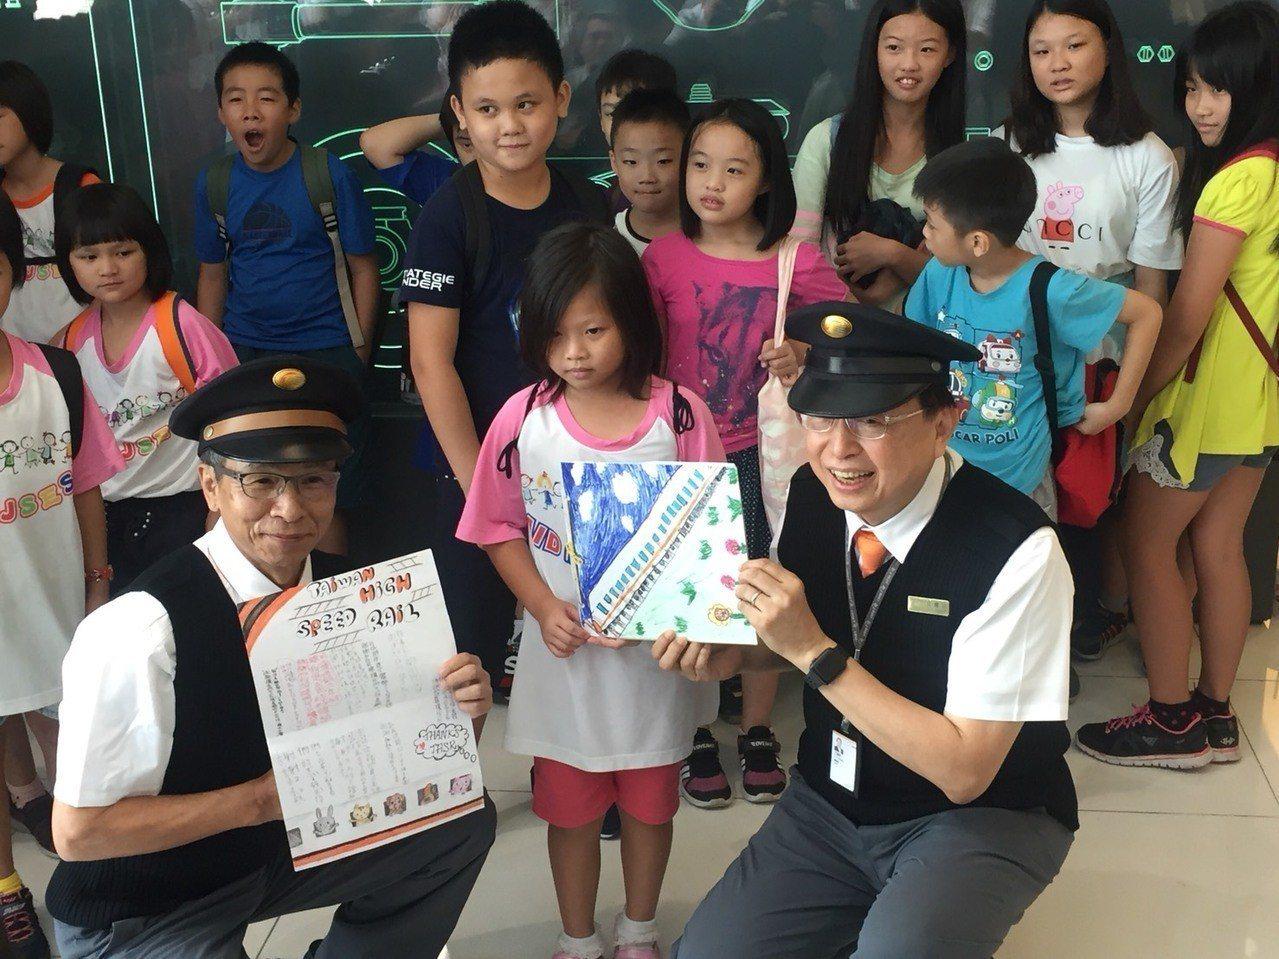 名導演吳念真(前左)與高鐵董事長江耀宗(前右)接受小朋友寫的感謝卡片。記者洪安怡...